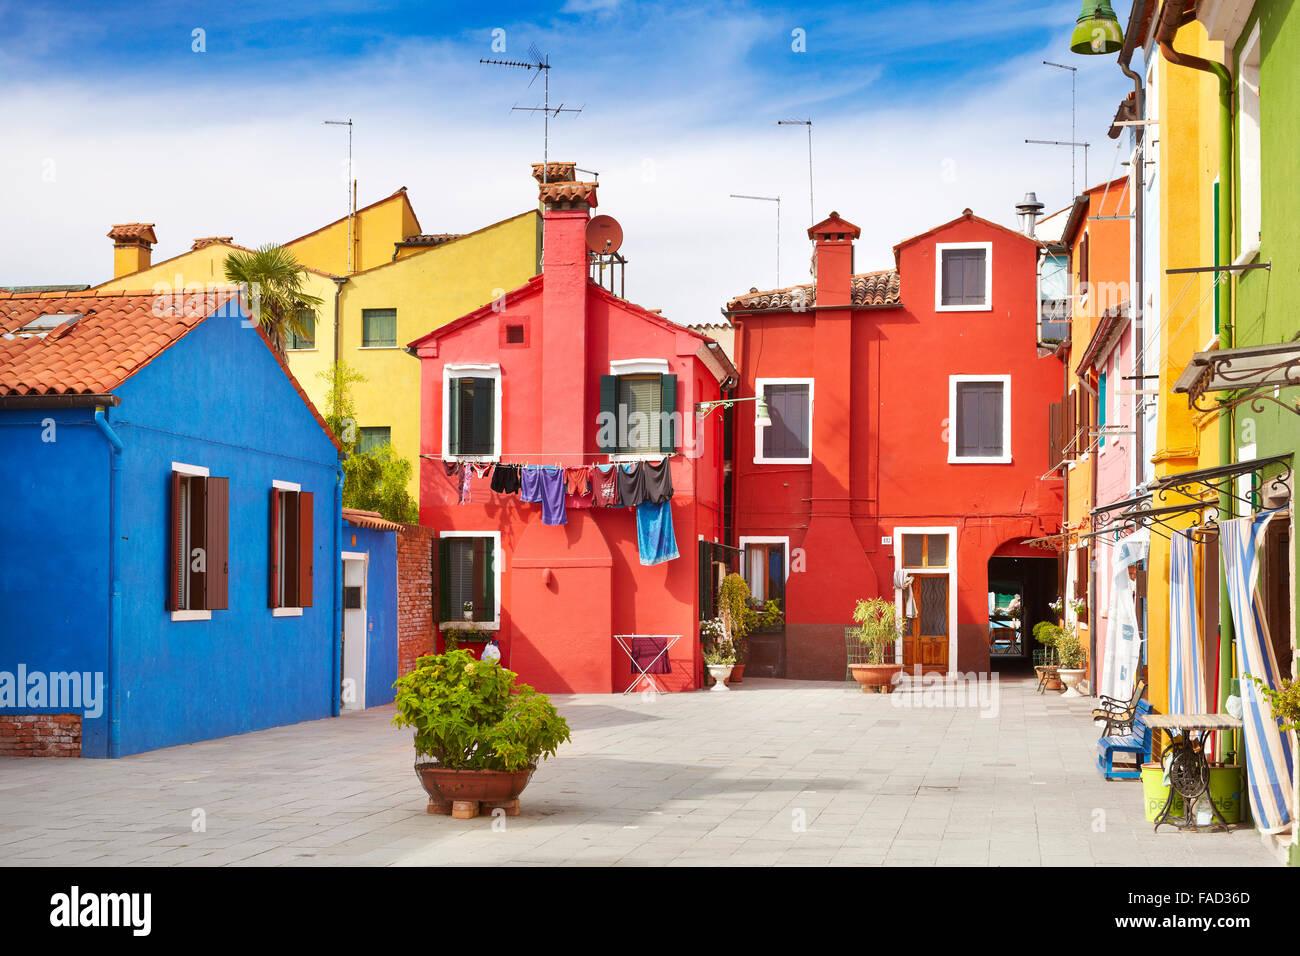 Maisons multicolores dans l'île de Murano près de Venise, Italie Photo Stock